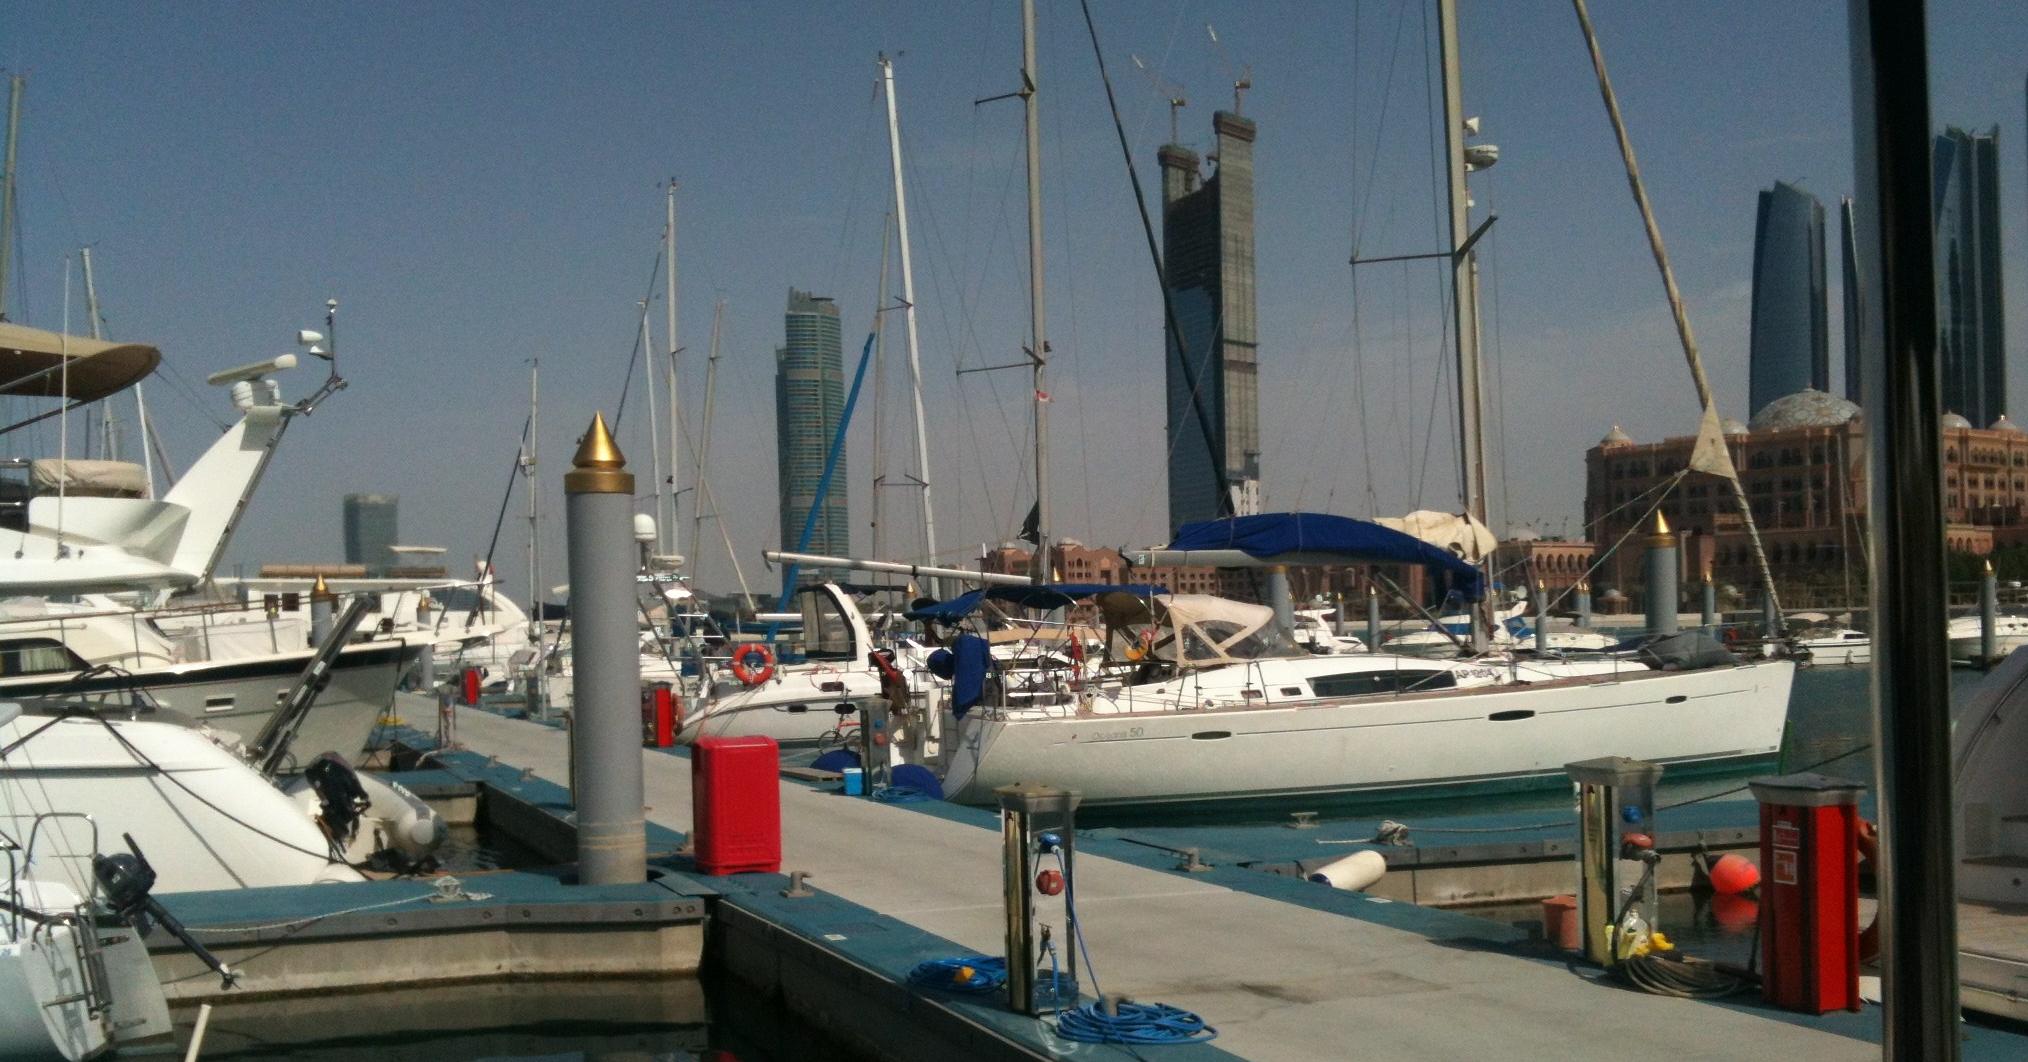 Gold-tips in Abu Dhabi'sEmiratesPalace Marina (GM-A, 2013)